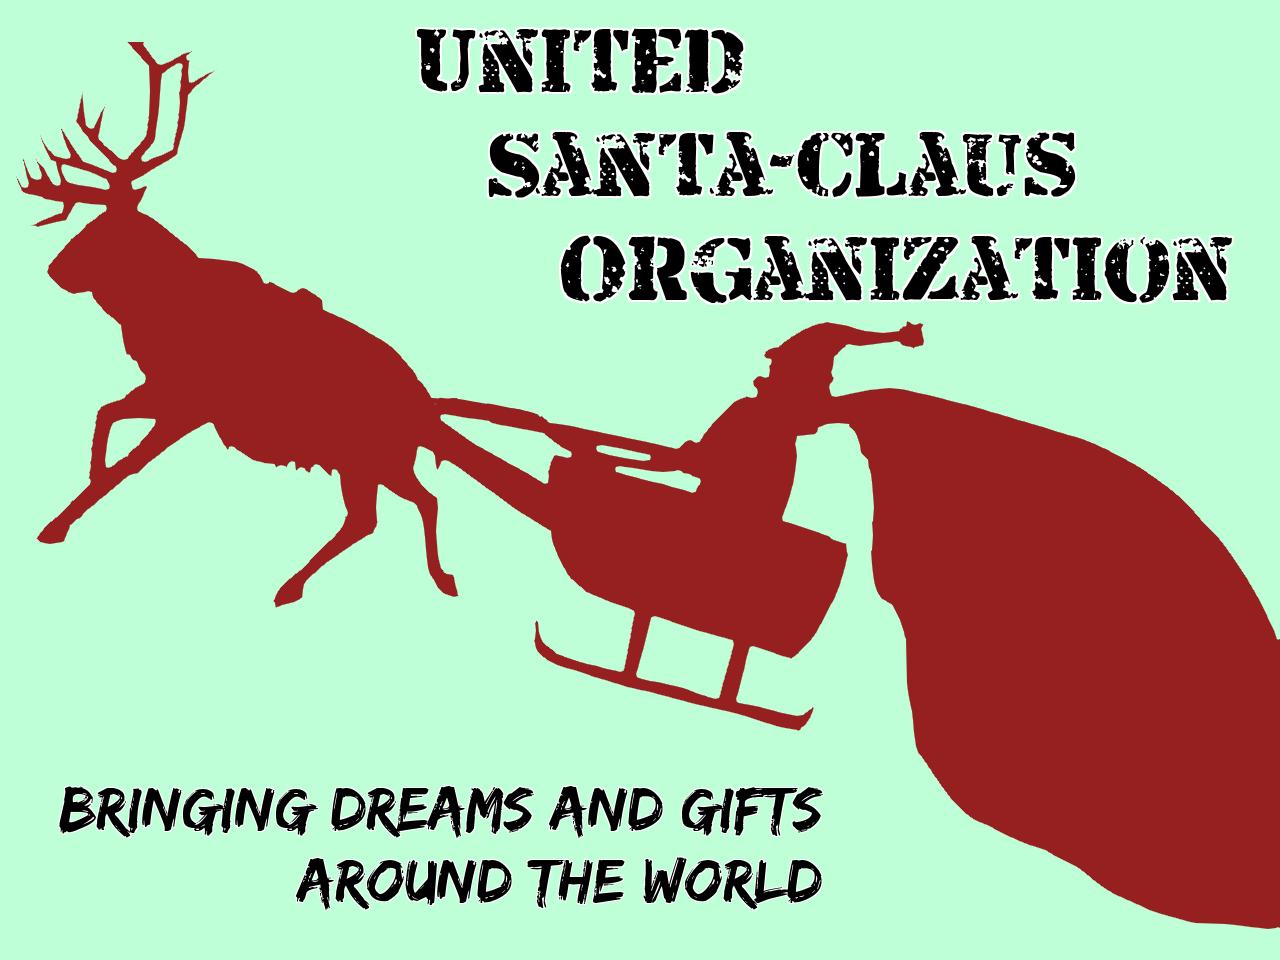 統一サンタクロース協会